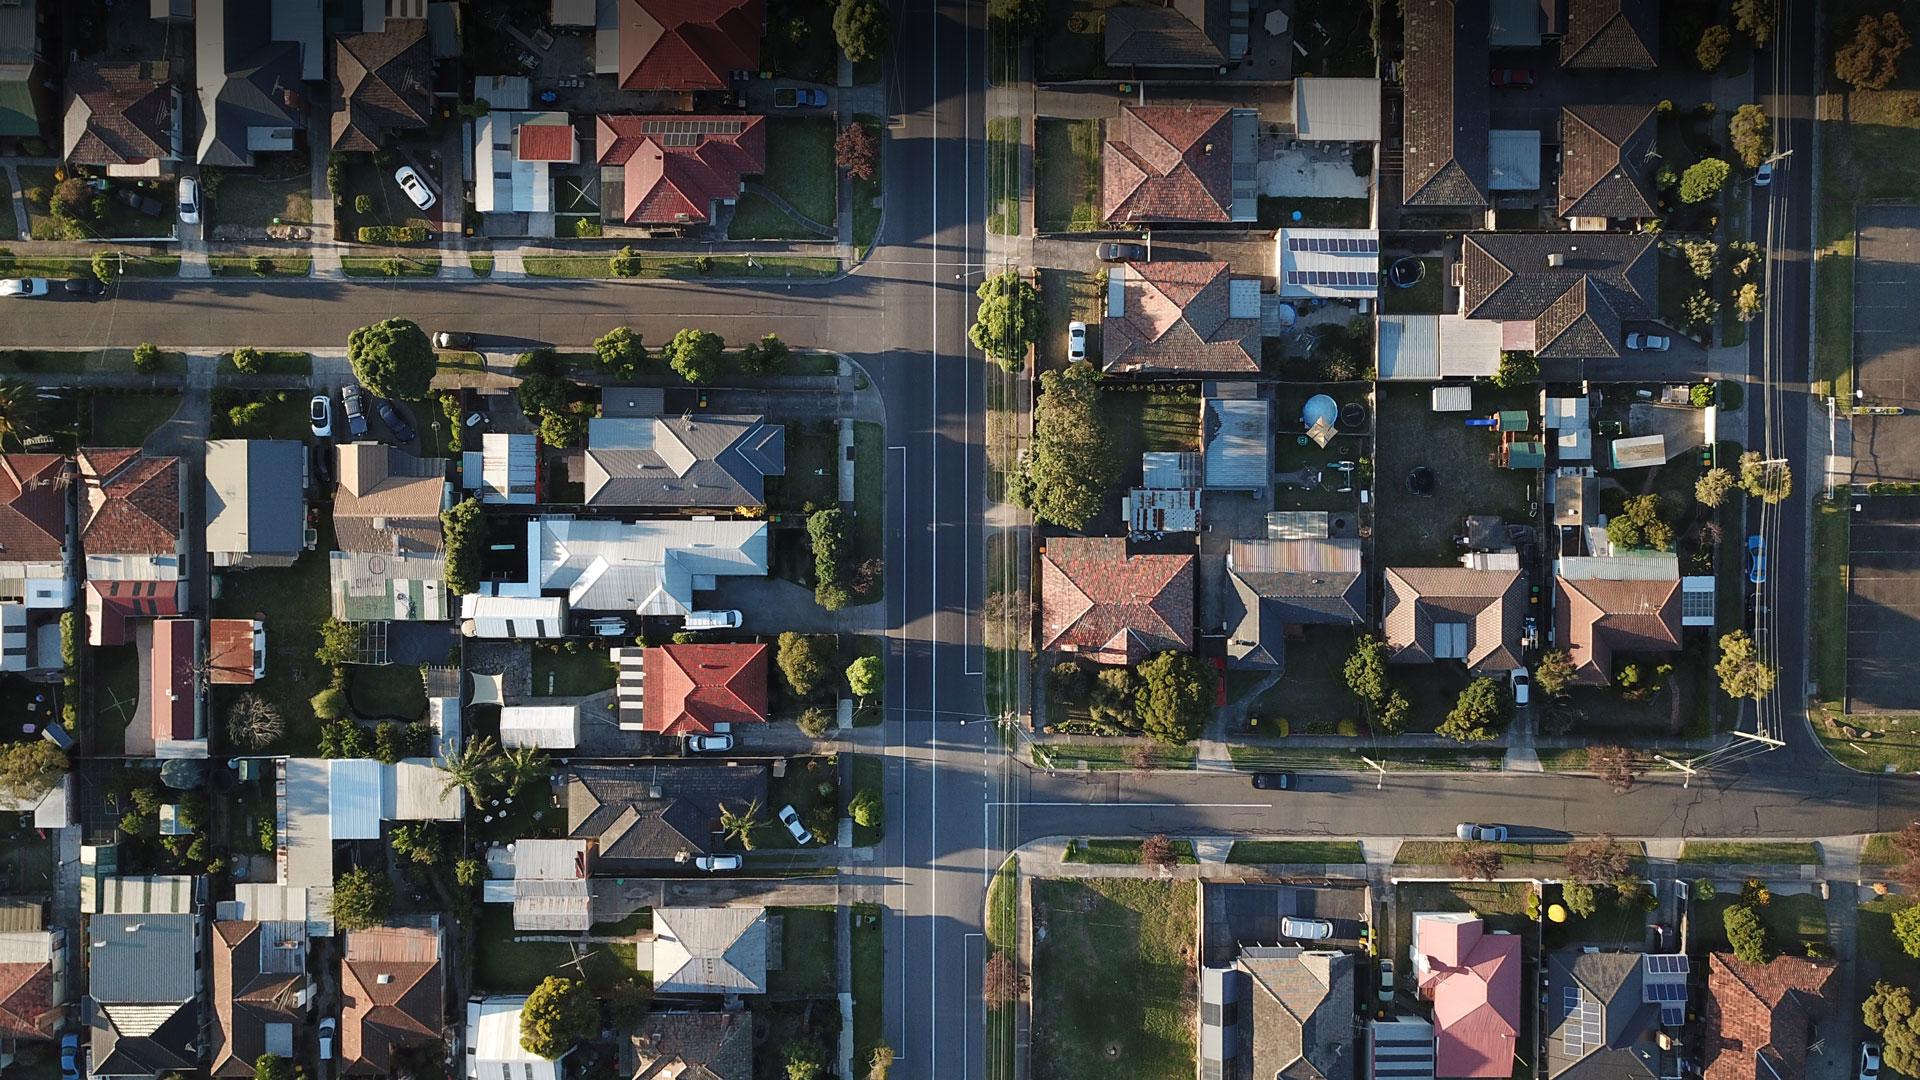 A bird-eye view of housing.